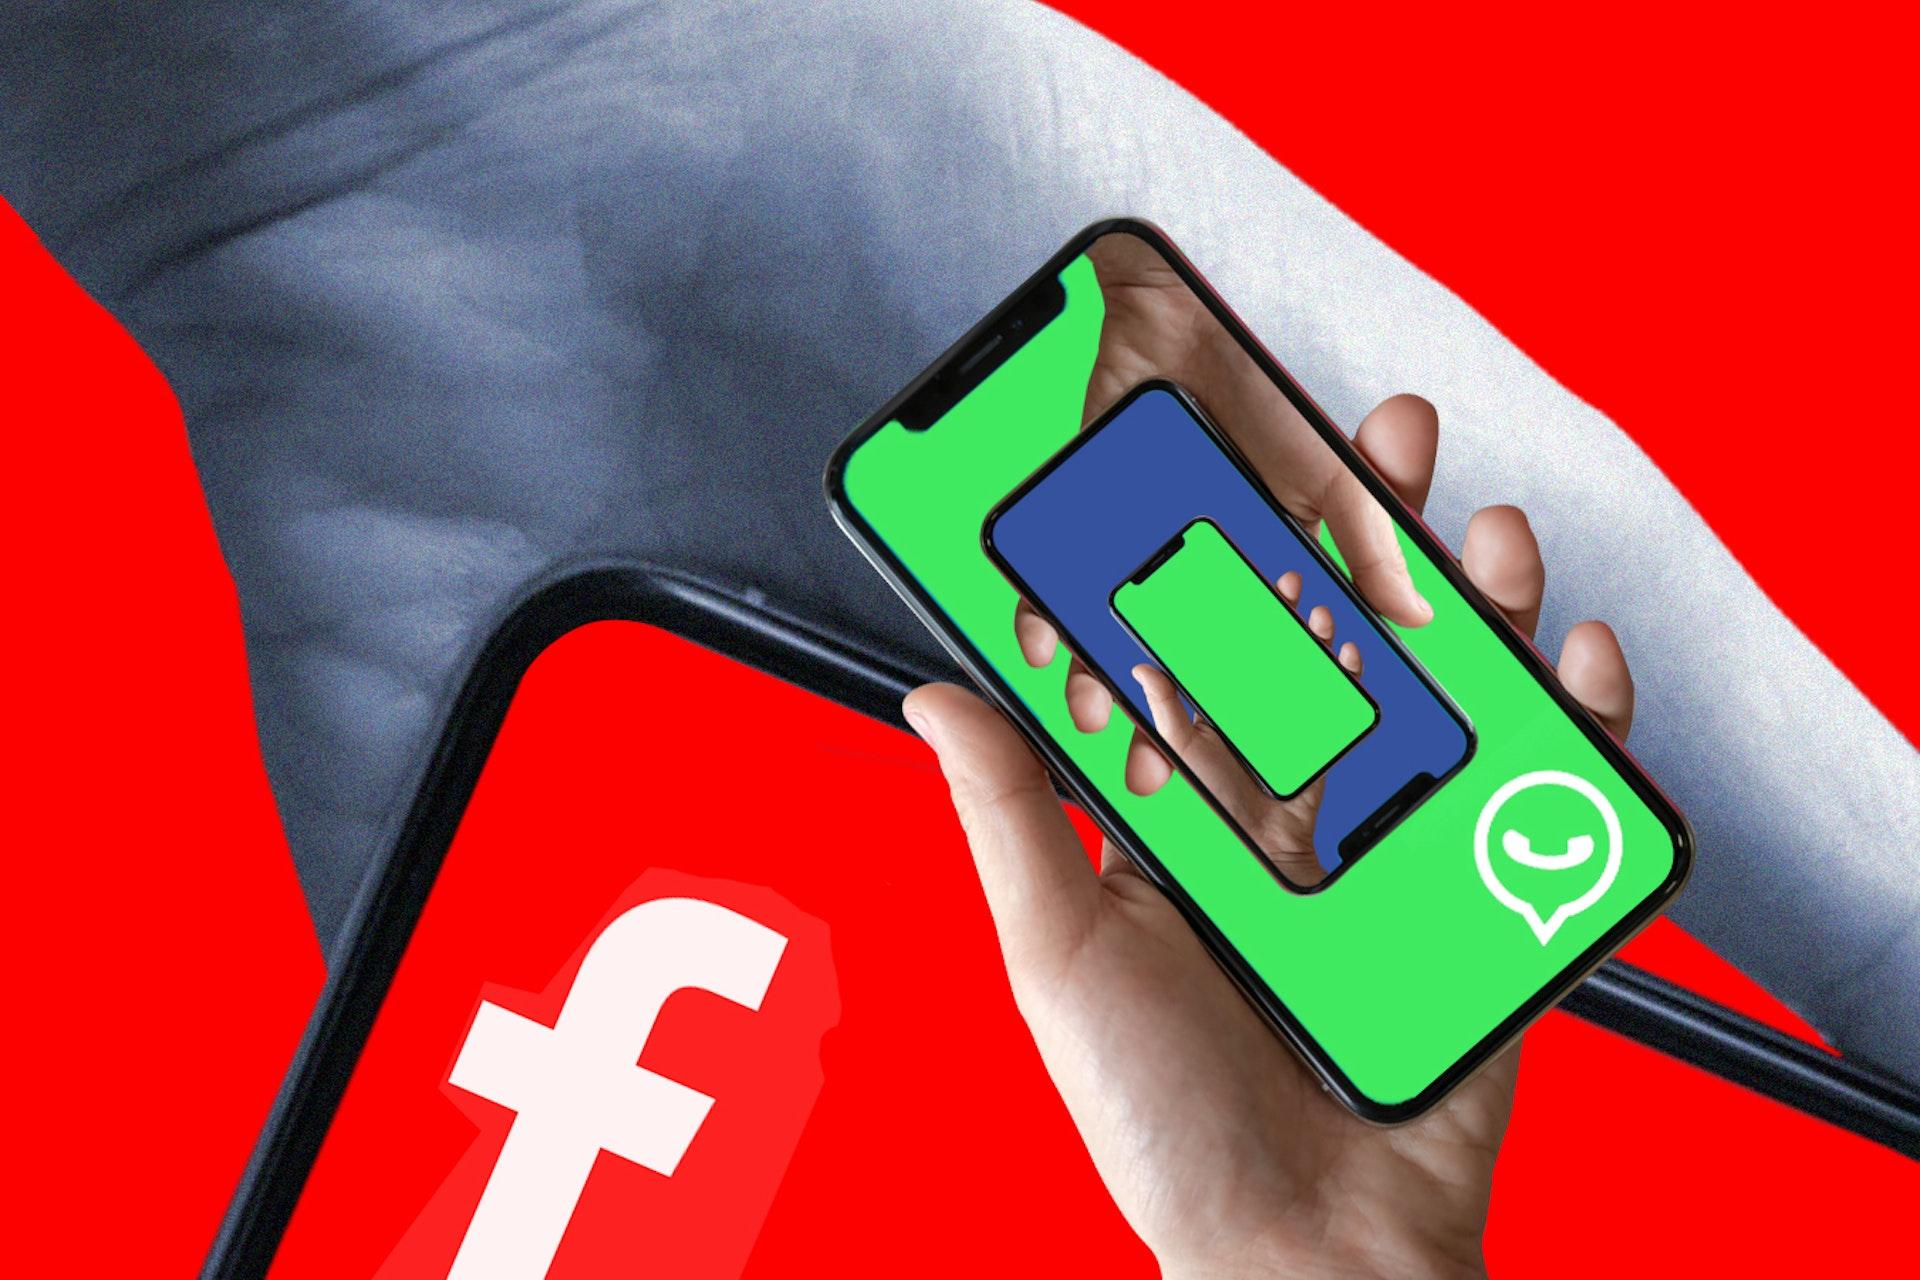 Ausrufezeichen messenger was bei bedeutet das facebook Facebook Messenger